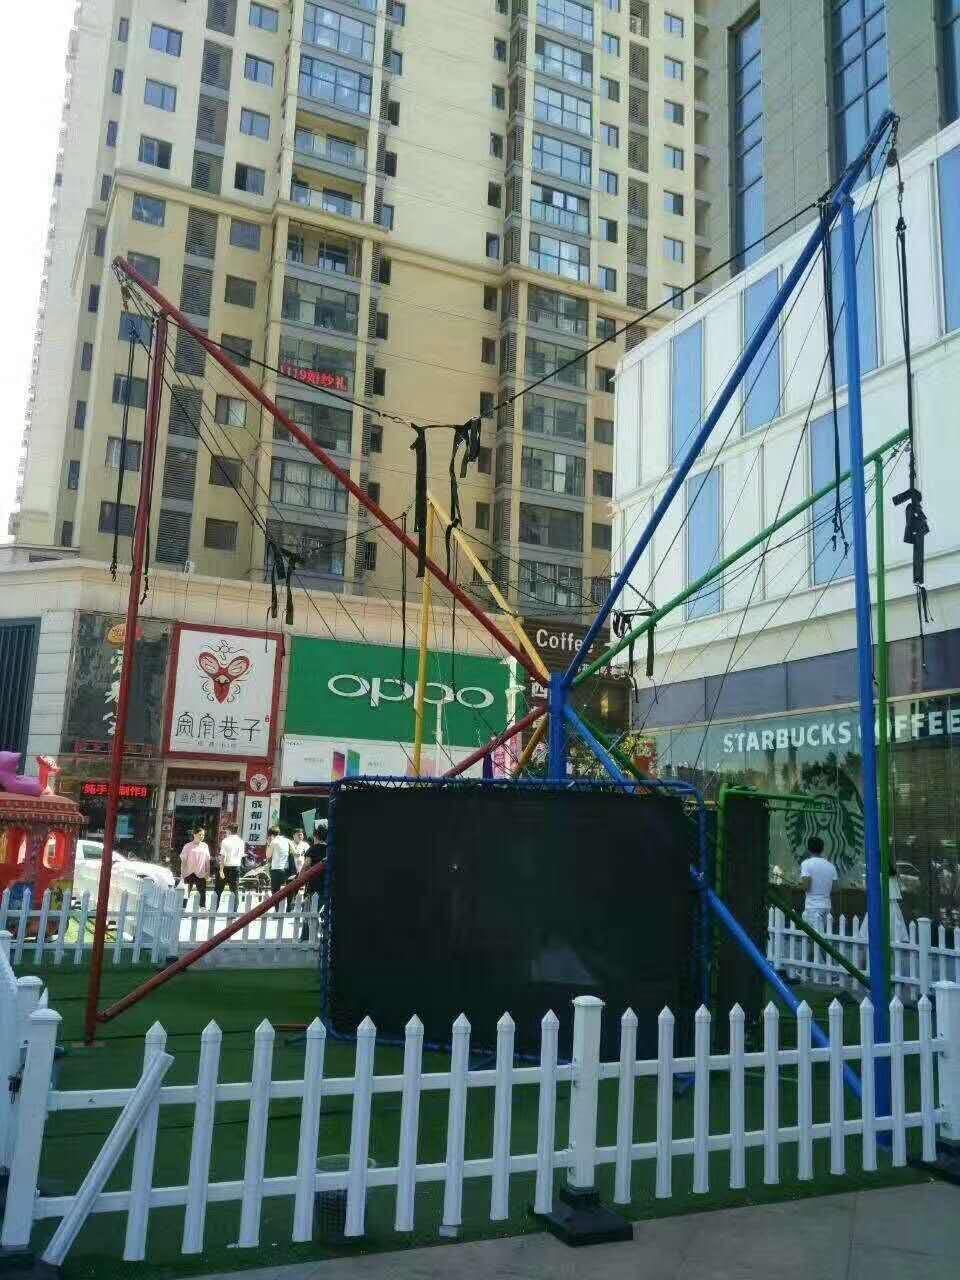 2020大洋现货供应广场可移动4人小蹦极 厂家定制小型儿童游乐设备蹦极蹦蹦床游艺设施示例图7